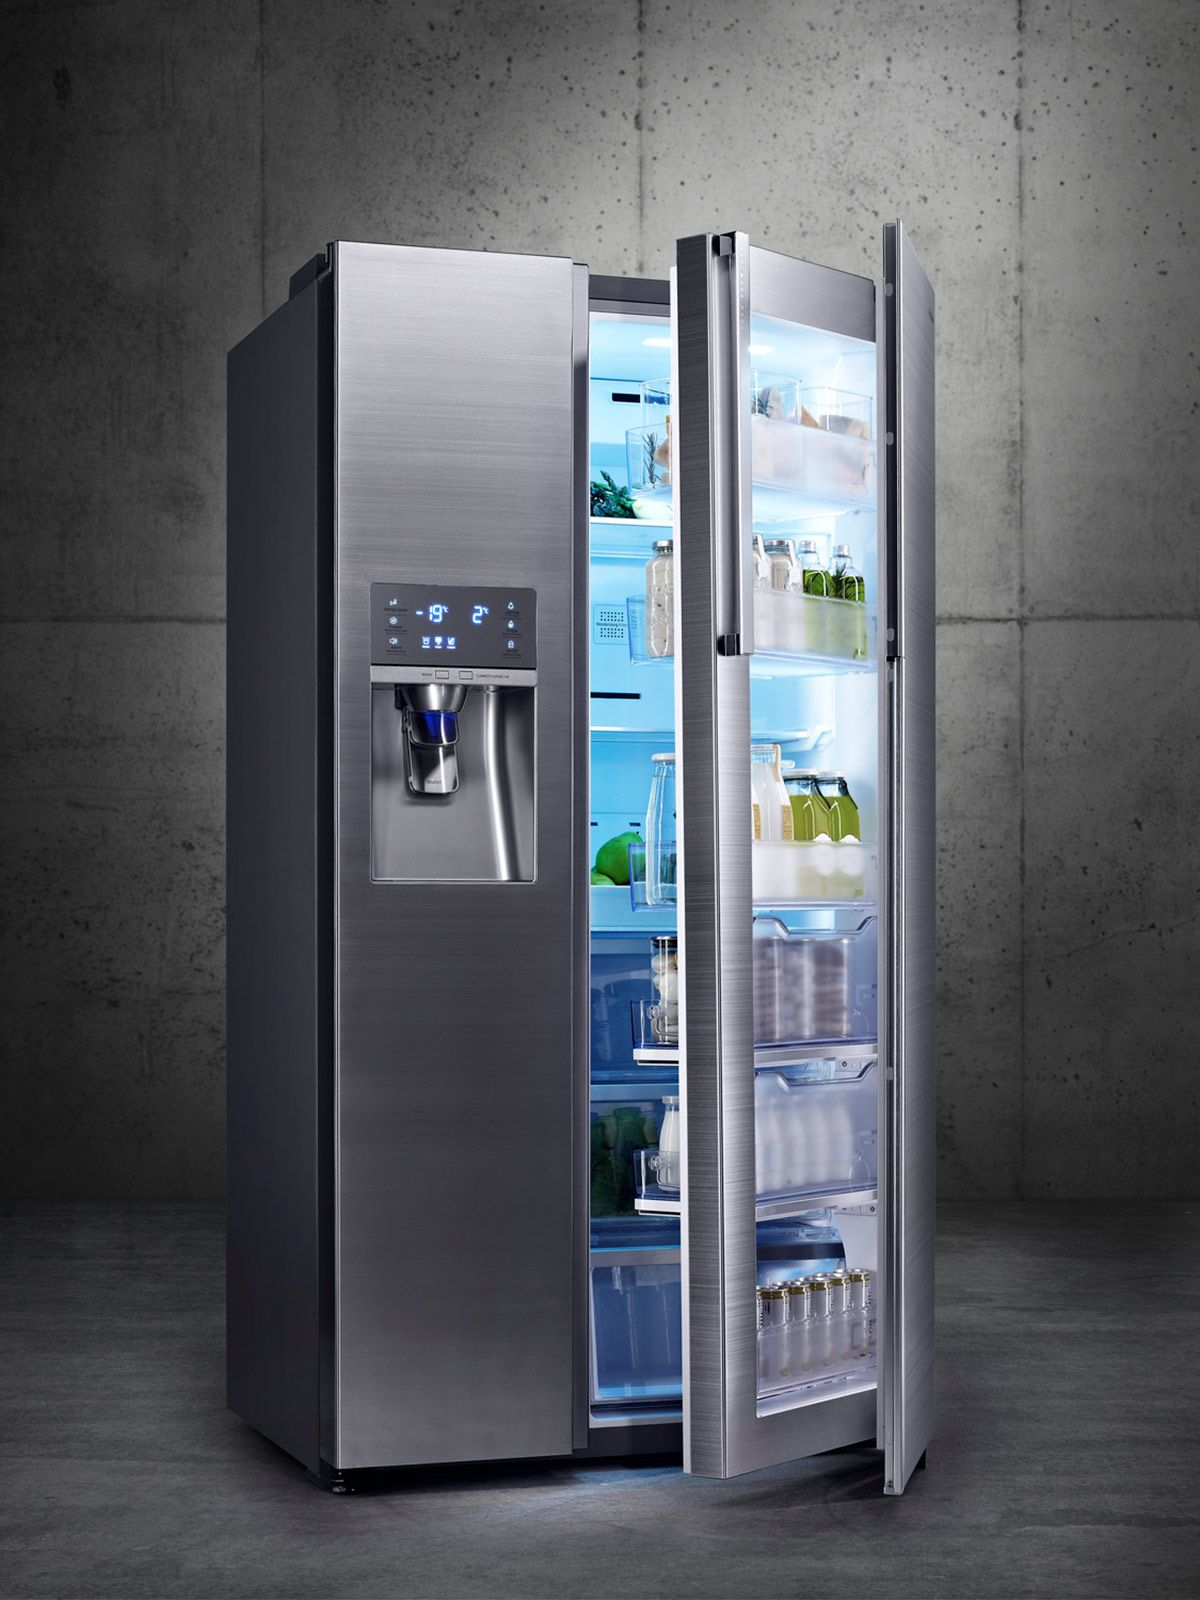 Refrigerador súper tecnológico de acero | Amueblar un piso 3°G ...